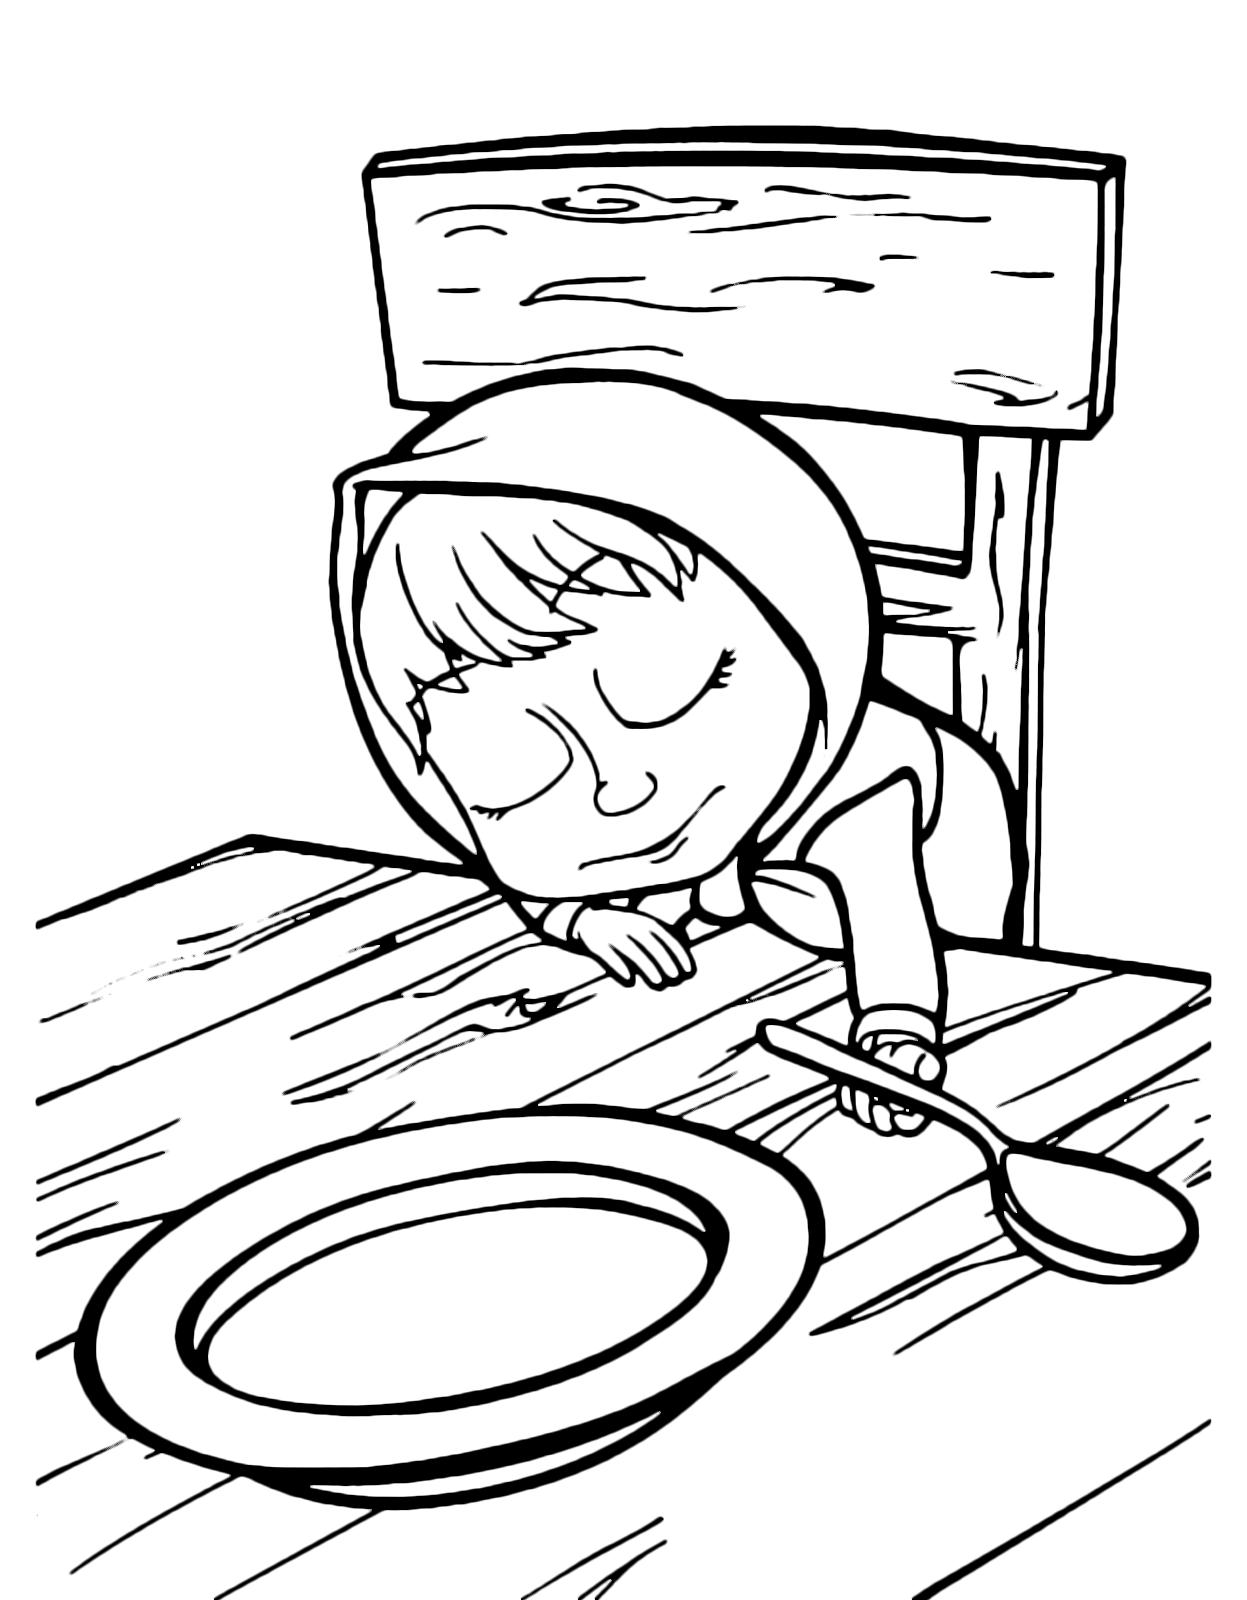 Masha e orso masha dorme davanti al piatto vuoto for Masha e orso disegni da colorare